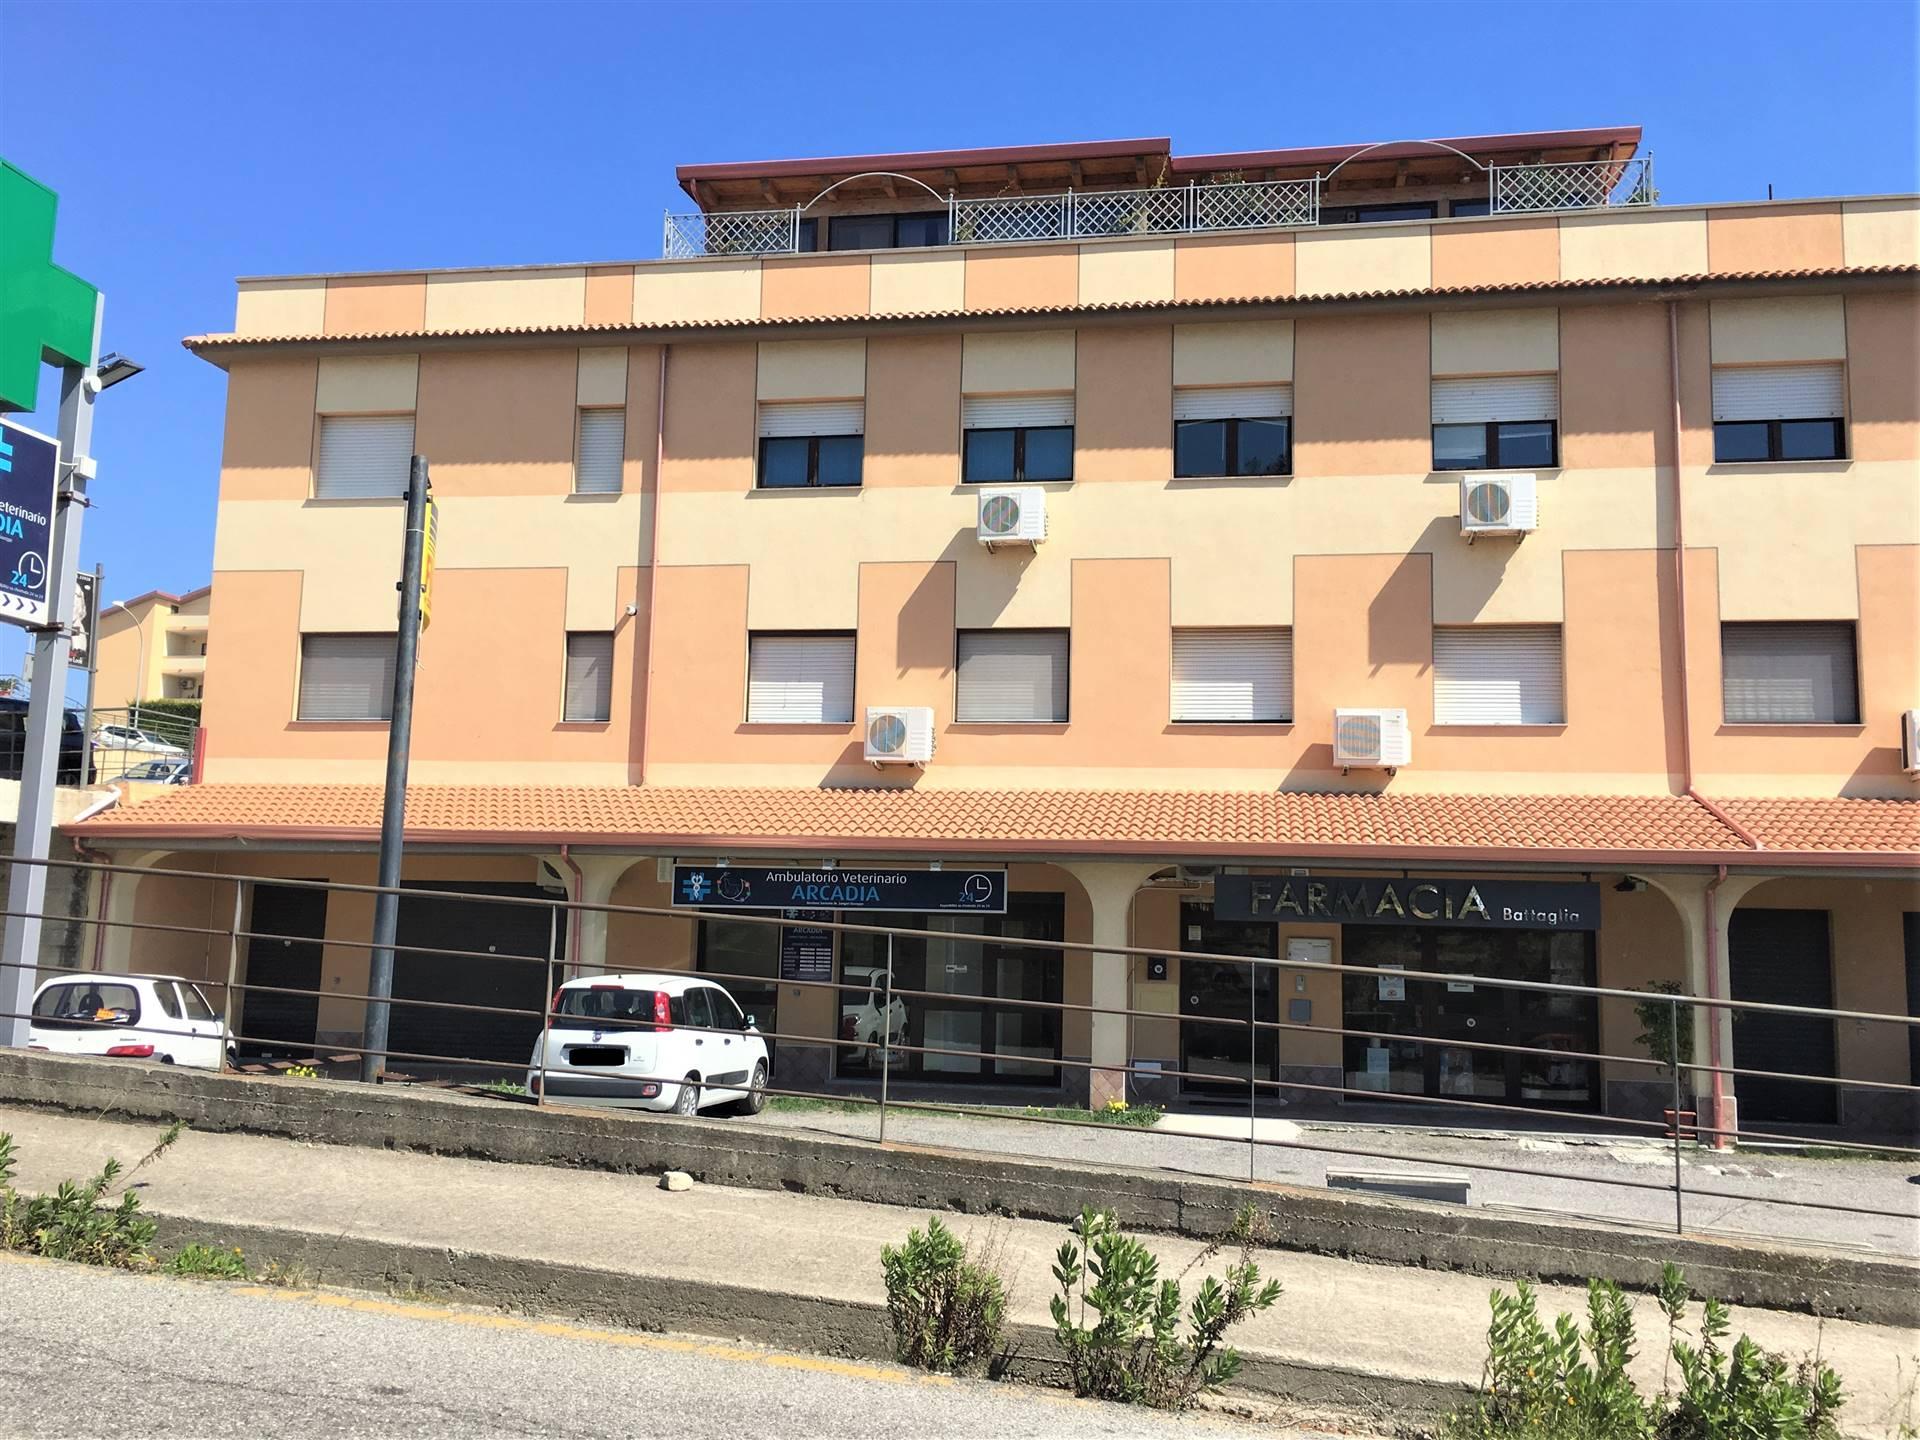 Ufficio / Studio in vendita a Catanzaro, 2 locali, zona Zona: Catanzaro Lido, prezzo € 70.000 | CambioCasa.it